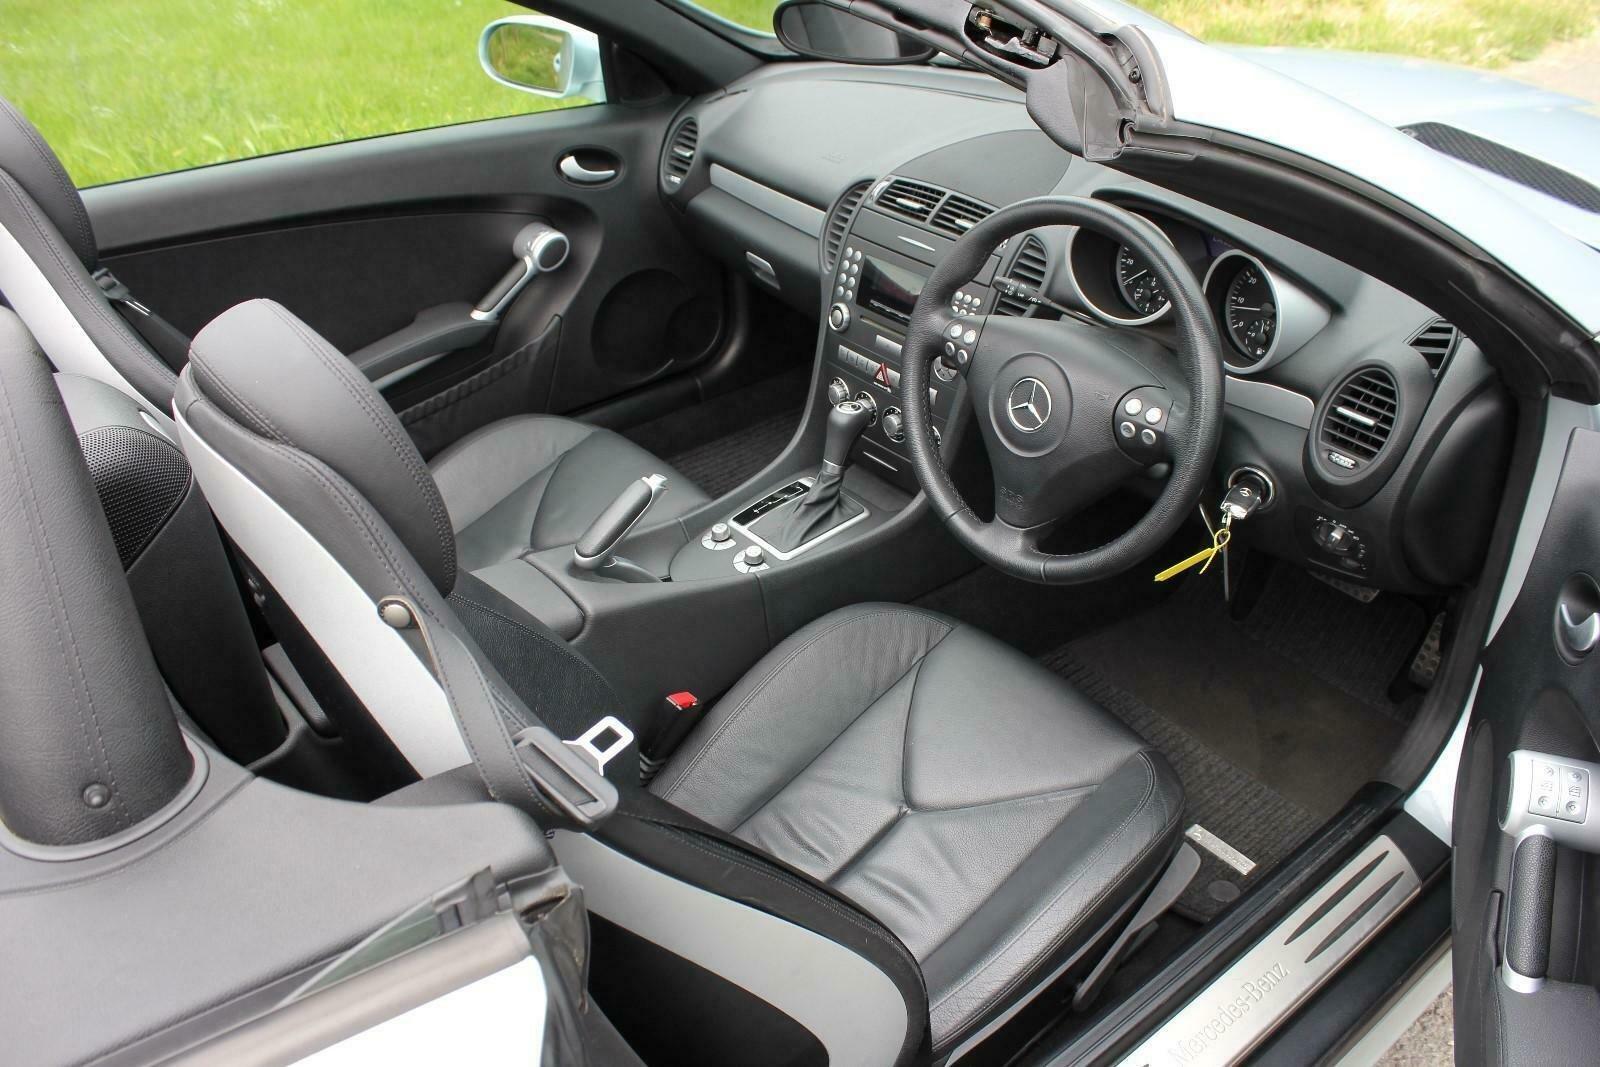 2008 Mercedes-Benz SLK 3.0 SLK280 7G-Tronic 2dr Convertible For Sale (picture 7 of 12)